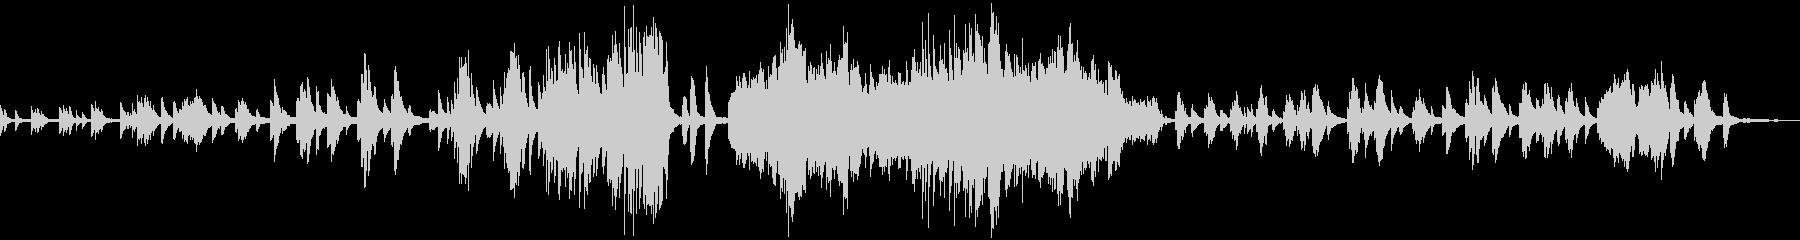 ドビュッシー 月の光 ピアノソロの未再生の波形